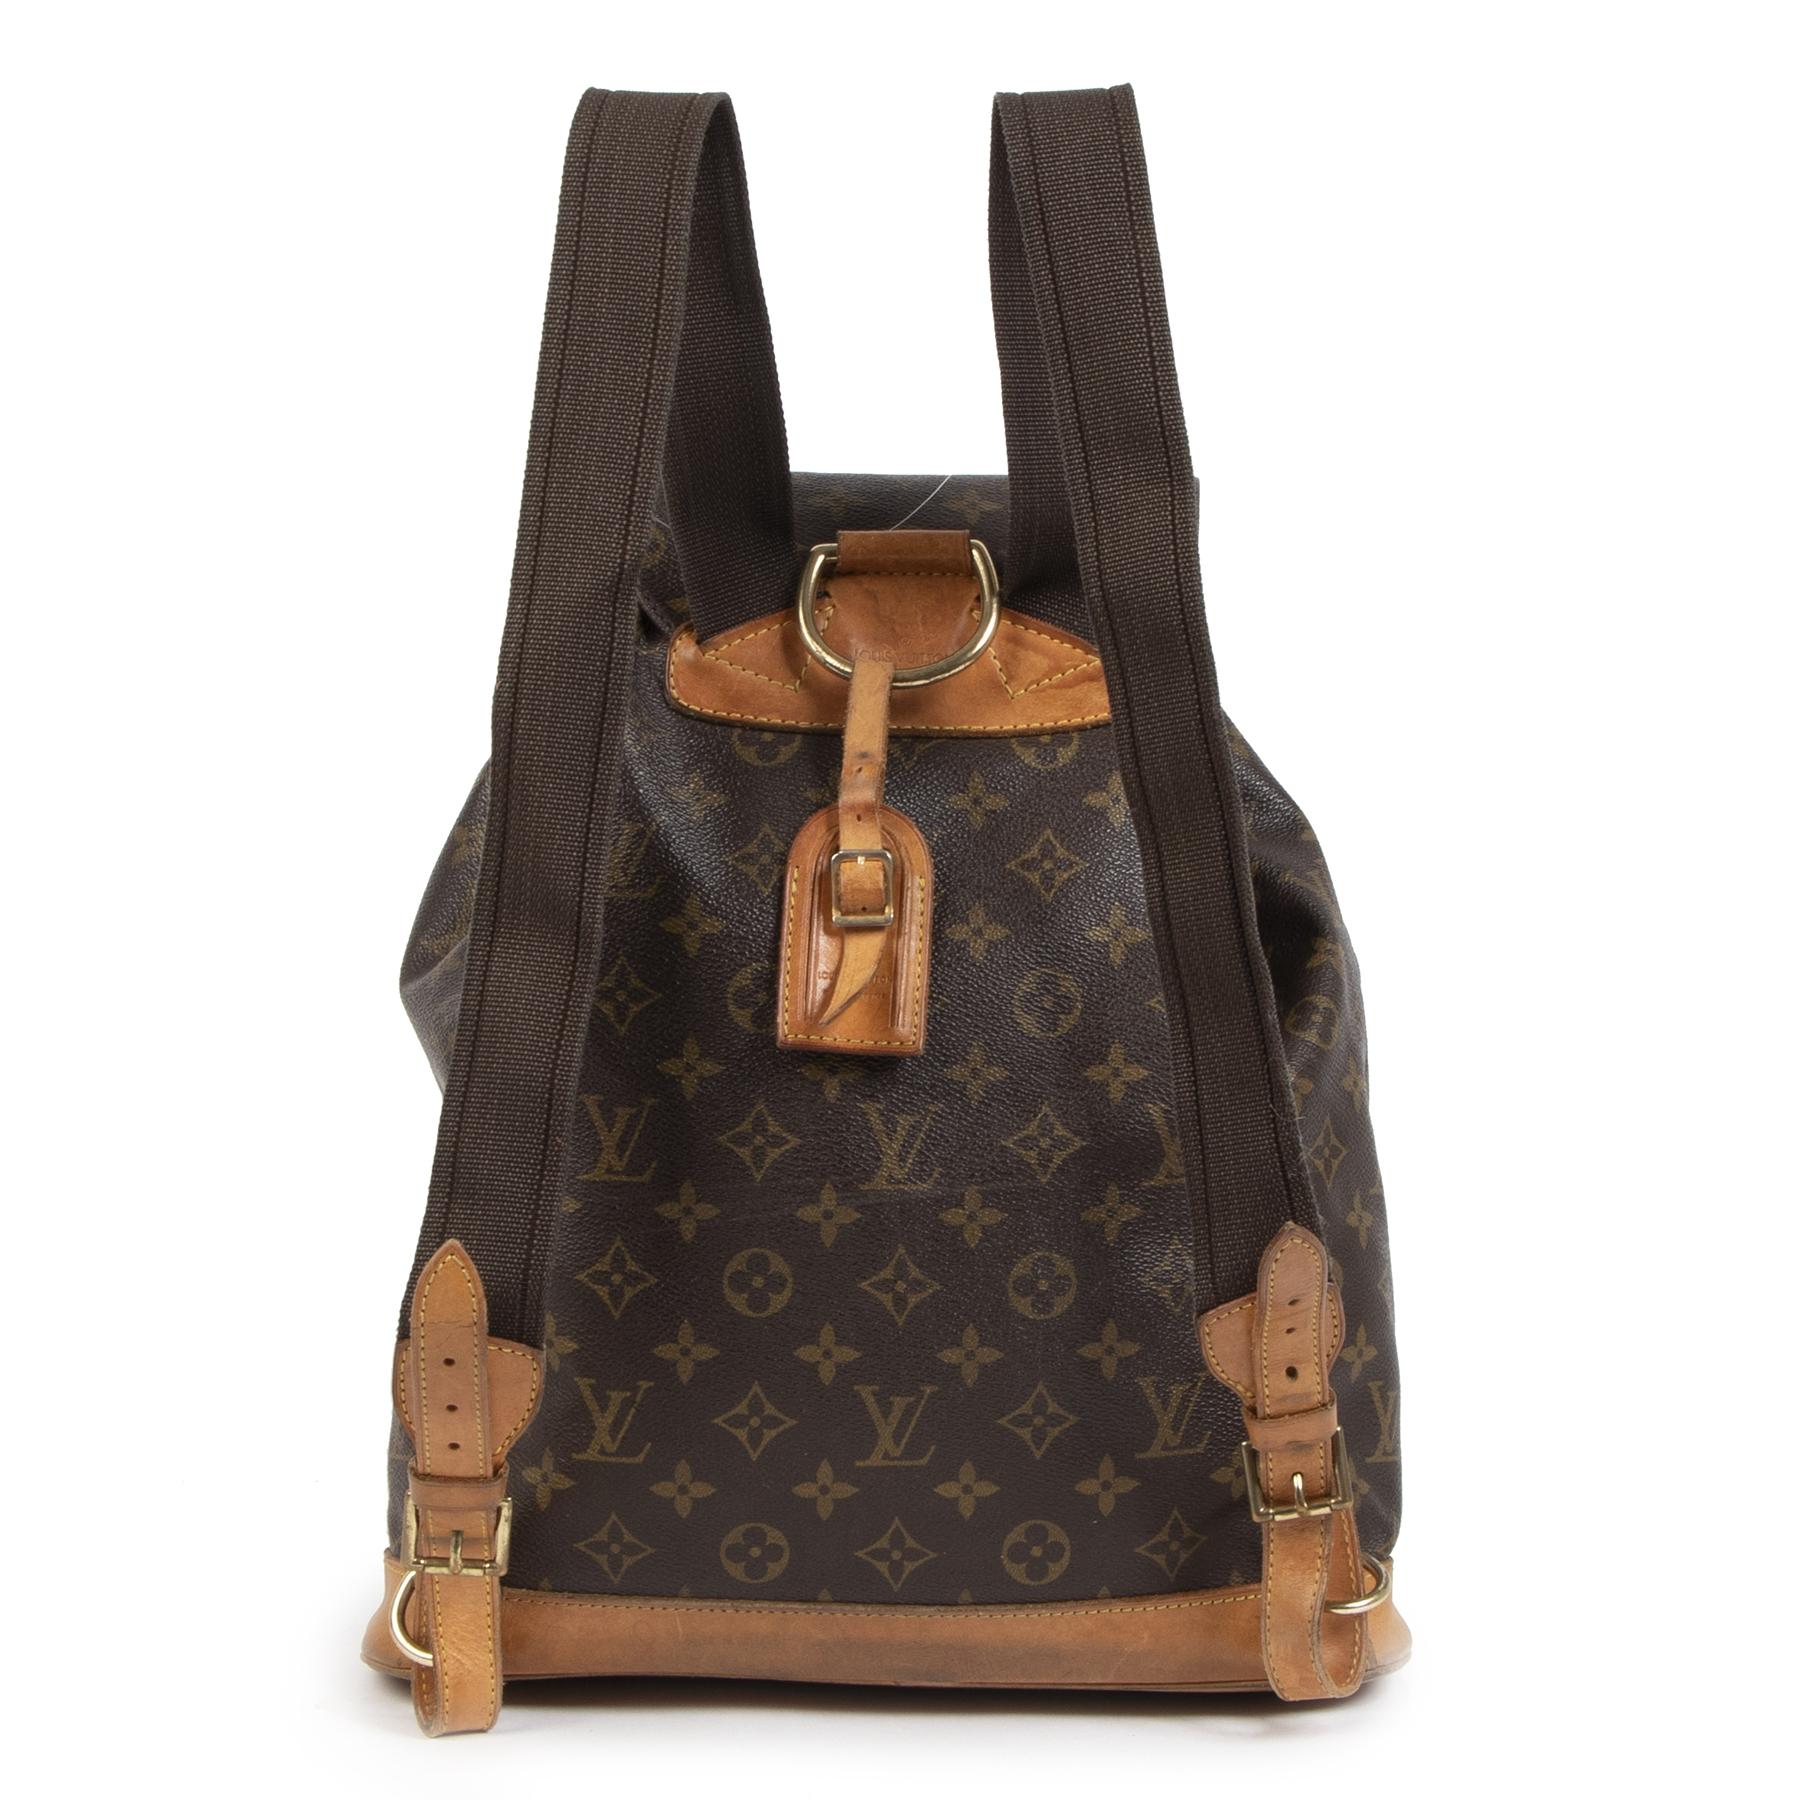 Authentieke Tweedehands Louis Vuitton Monogram Montsouris GM Backpack juiste prijs veilig online shoppen luxe merken webshop winkelen Antwerpen België mode fashion